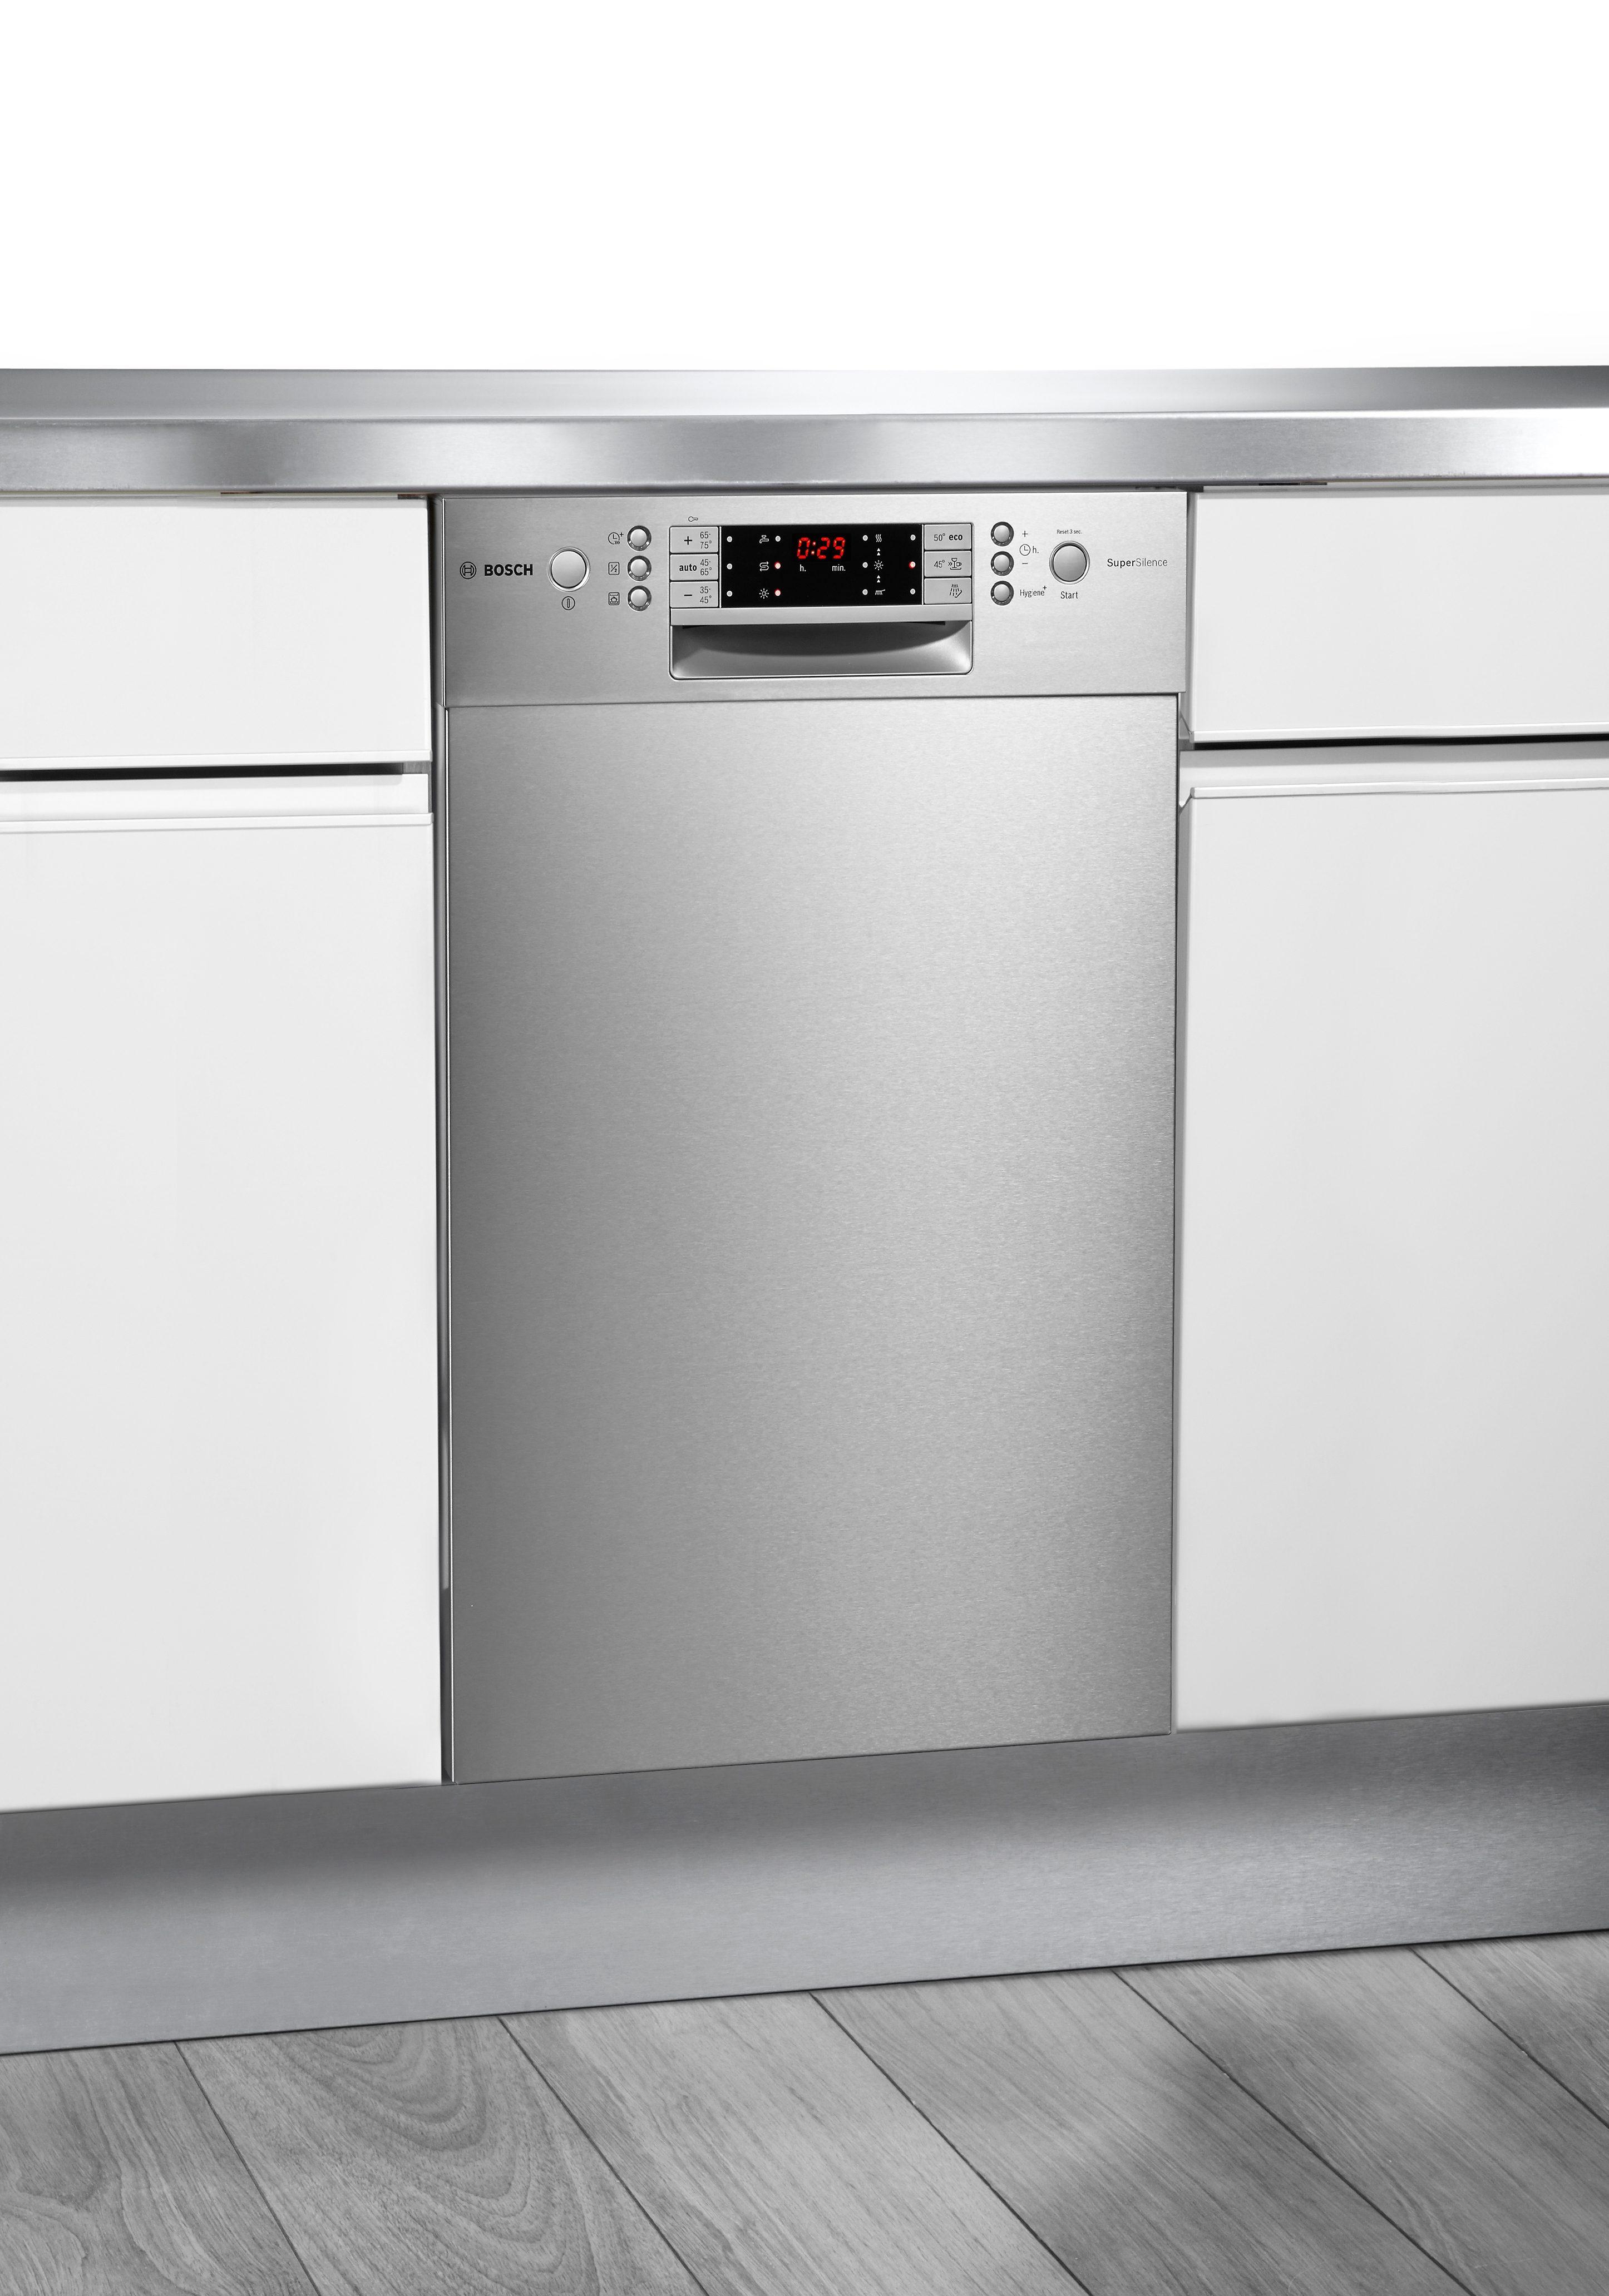 Bosch Unterbau-Geschirrspüler SPU65T75EU, Energieklasse A++, 8,5 Liter